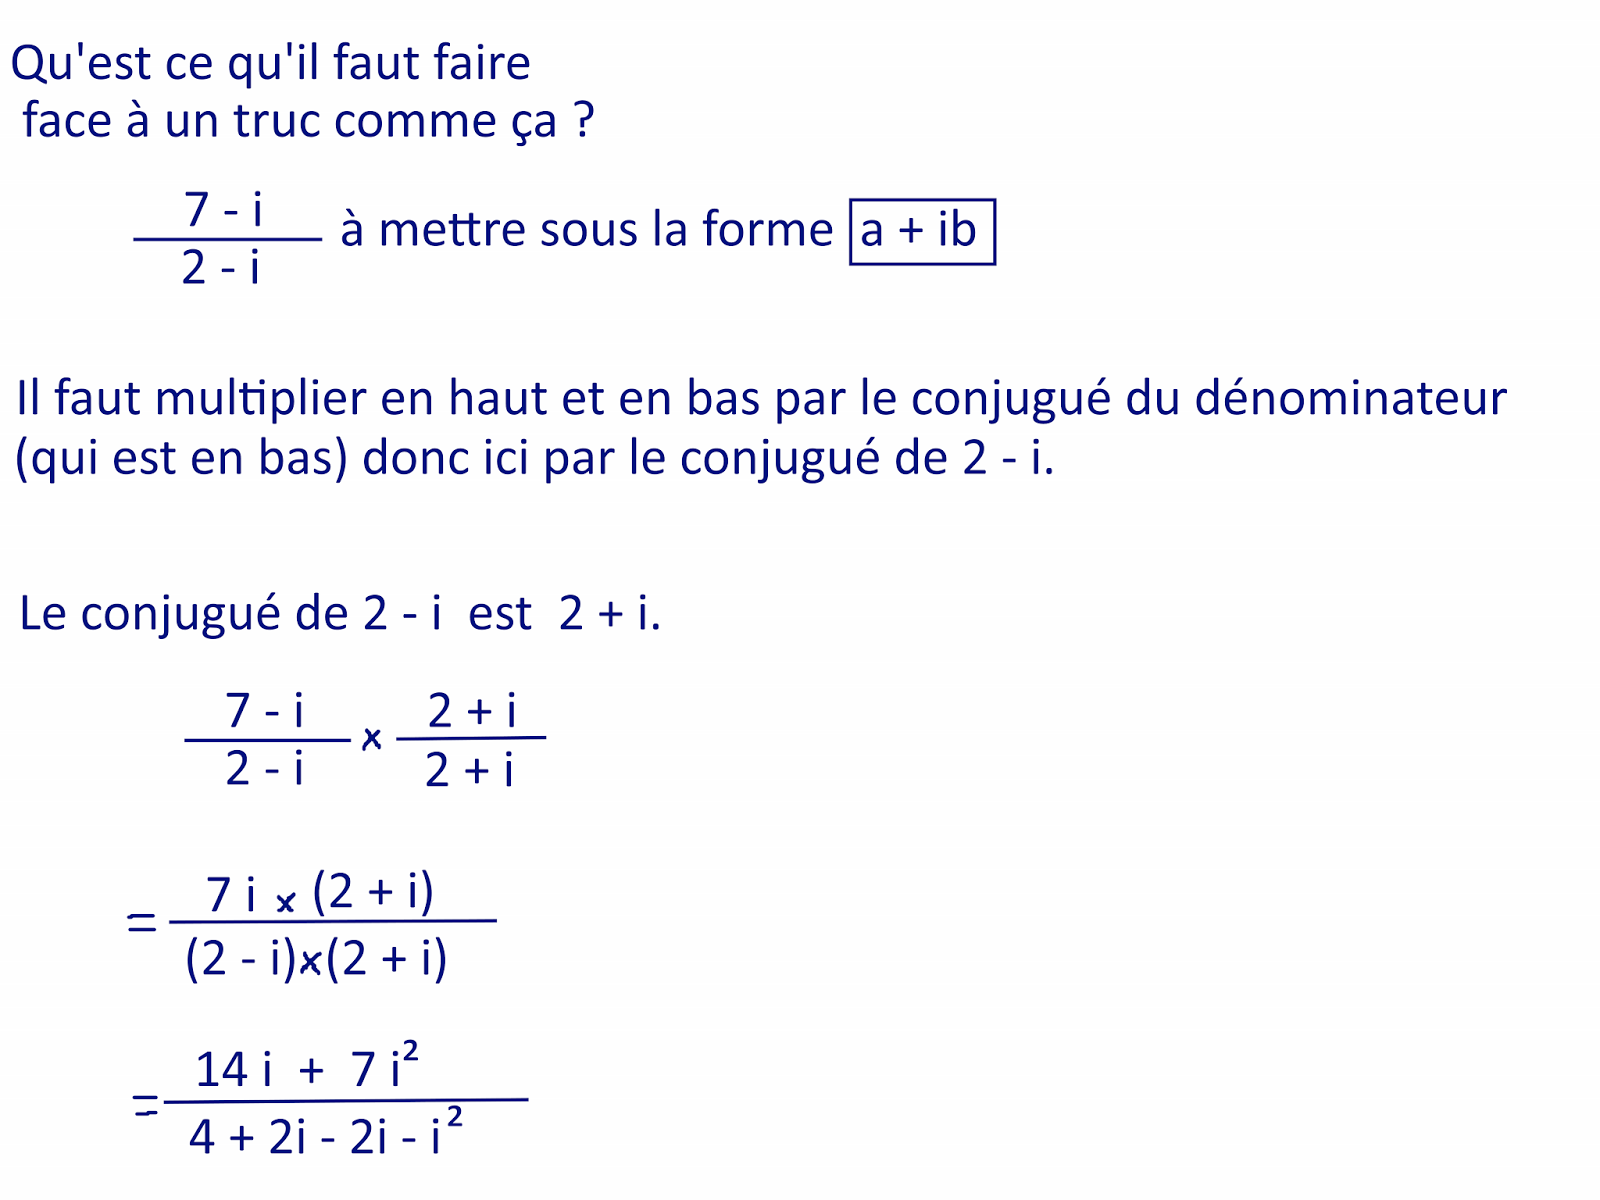 Notreus Comment Mettre Un Nombre Complexe Sous La Forme A Ib Sous Forme Algebrique